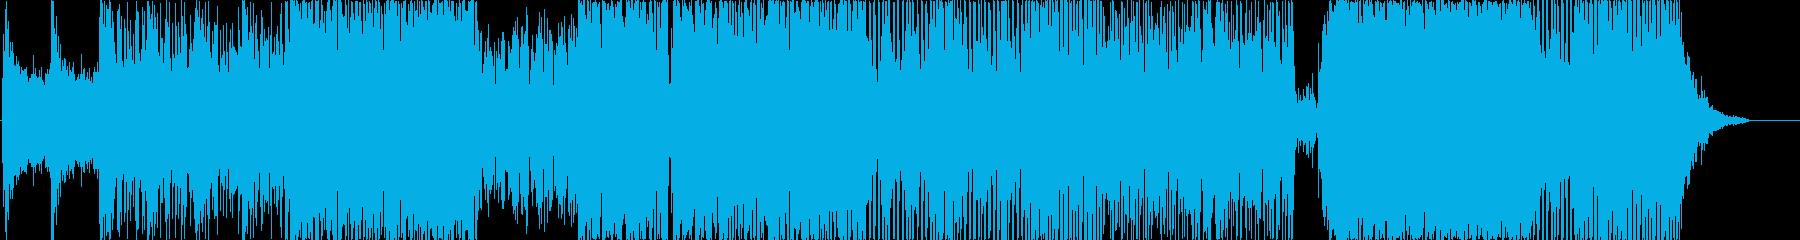 ヒーロー登場のかっこいいサウンドの再生済みの波形